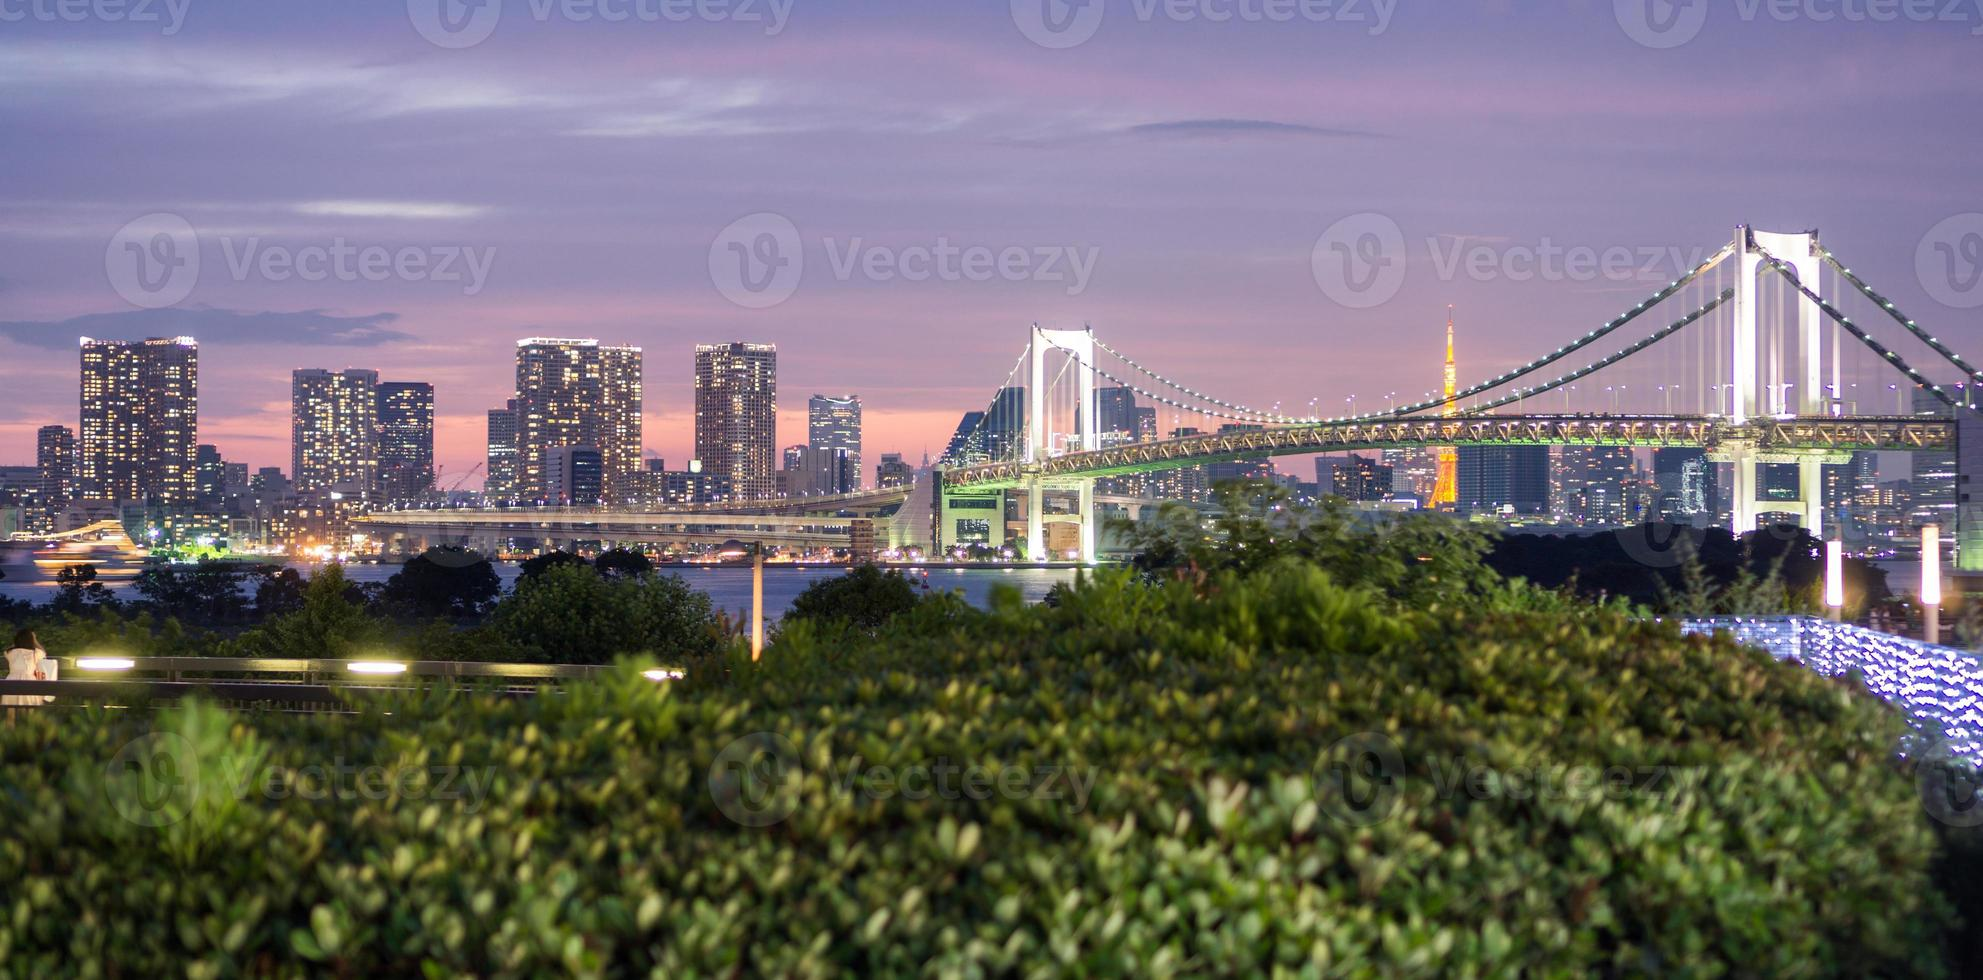 ponte panorâmica do arco-íris e skyline de tóquio de odaiba, visão noturna foto